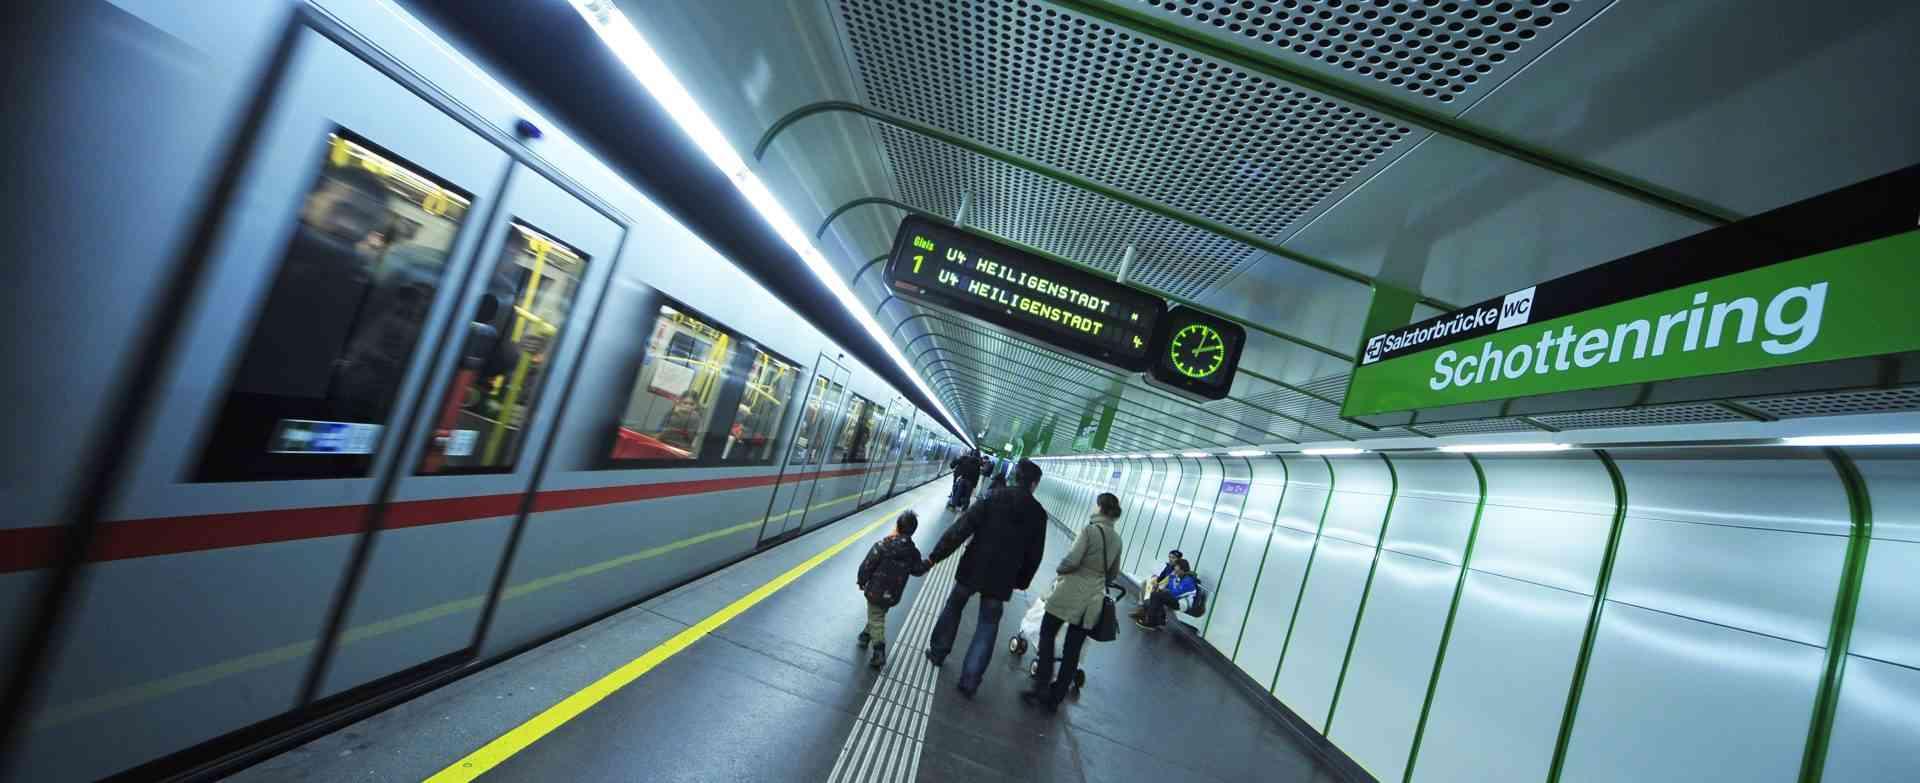 Die U4 kreuzt am Schottenring die U2.